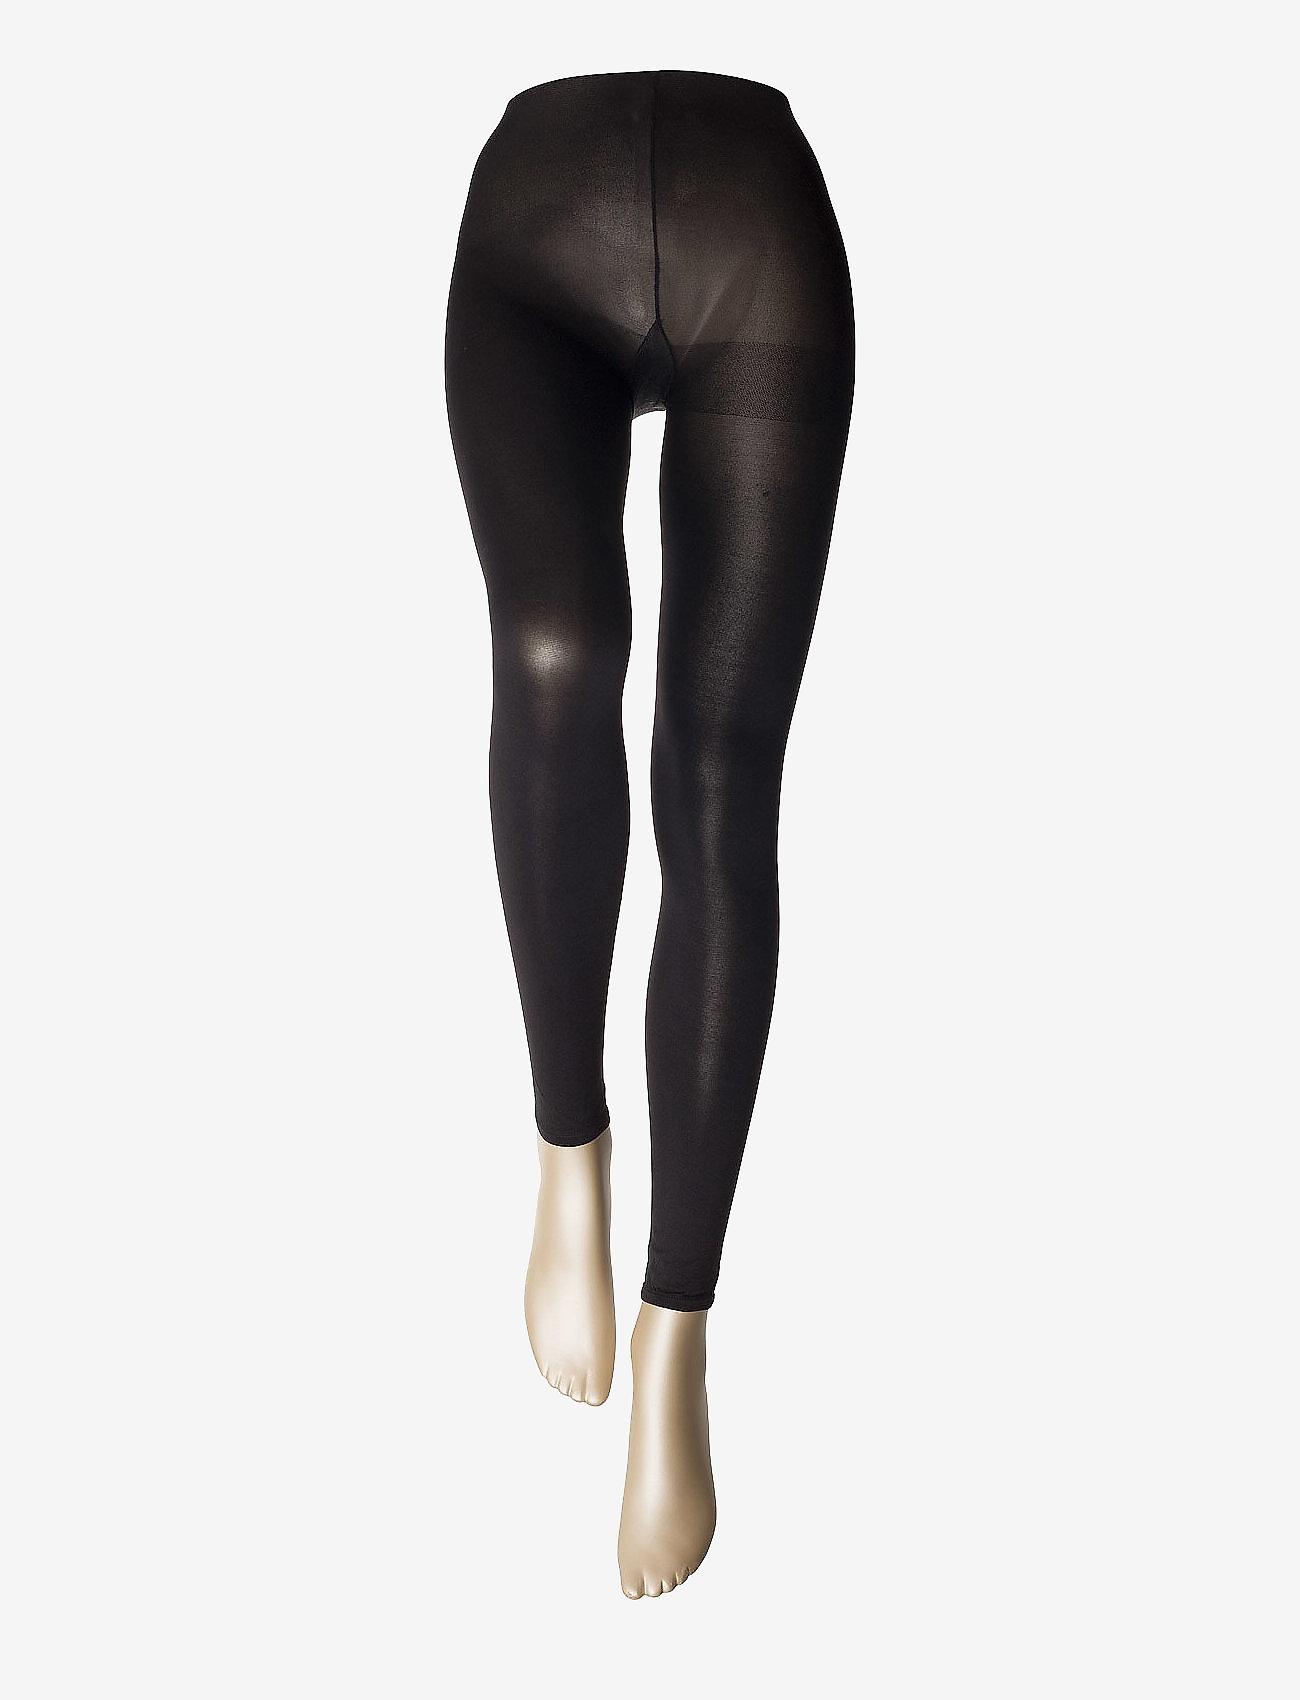 Vogue - Ladies den leggings, Opaque Leggings 3D 80den - panty's - black - 1